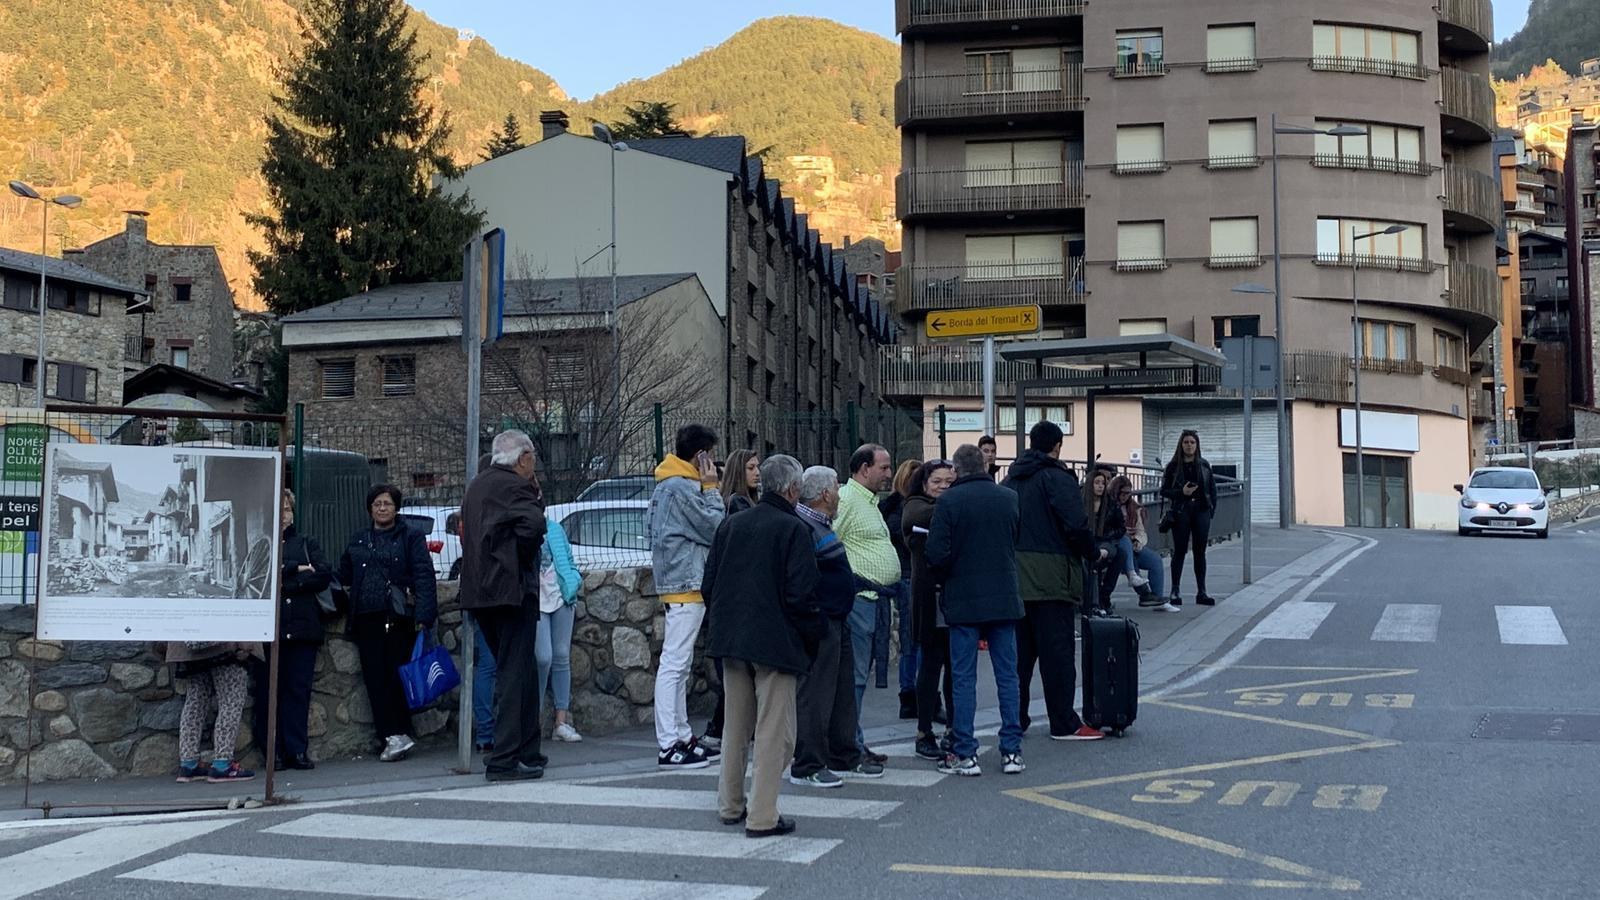 Gent esperant a una de les parades d'Encamp. / C. A. (ANA)